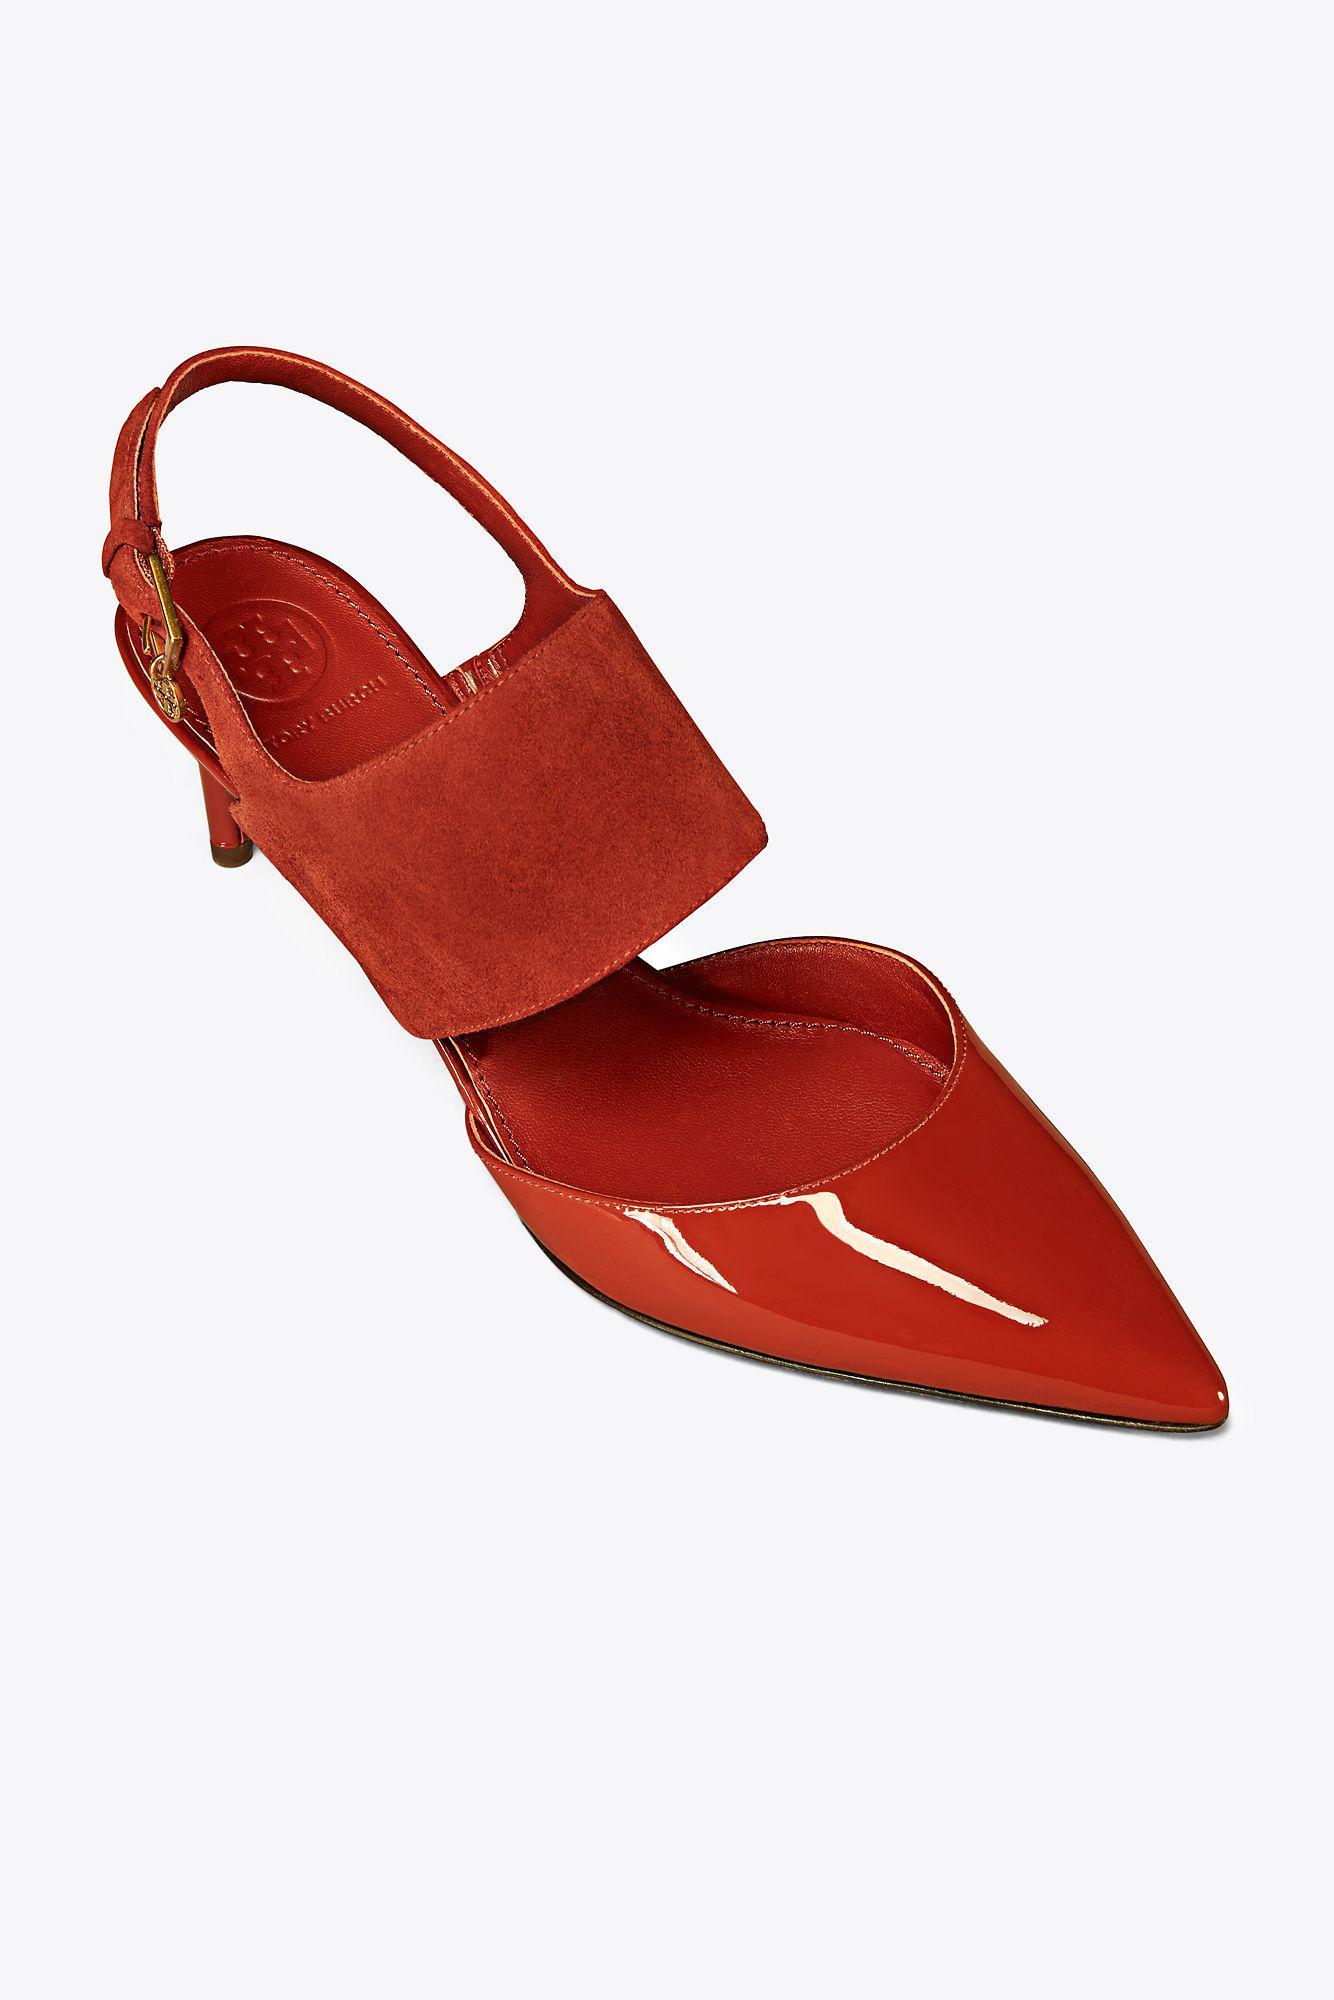 248e371e561 Lyst - Tory Burch Ashton Sandal in Red